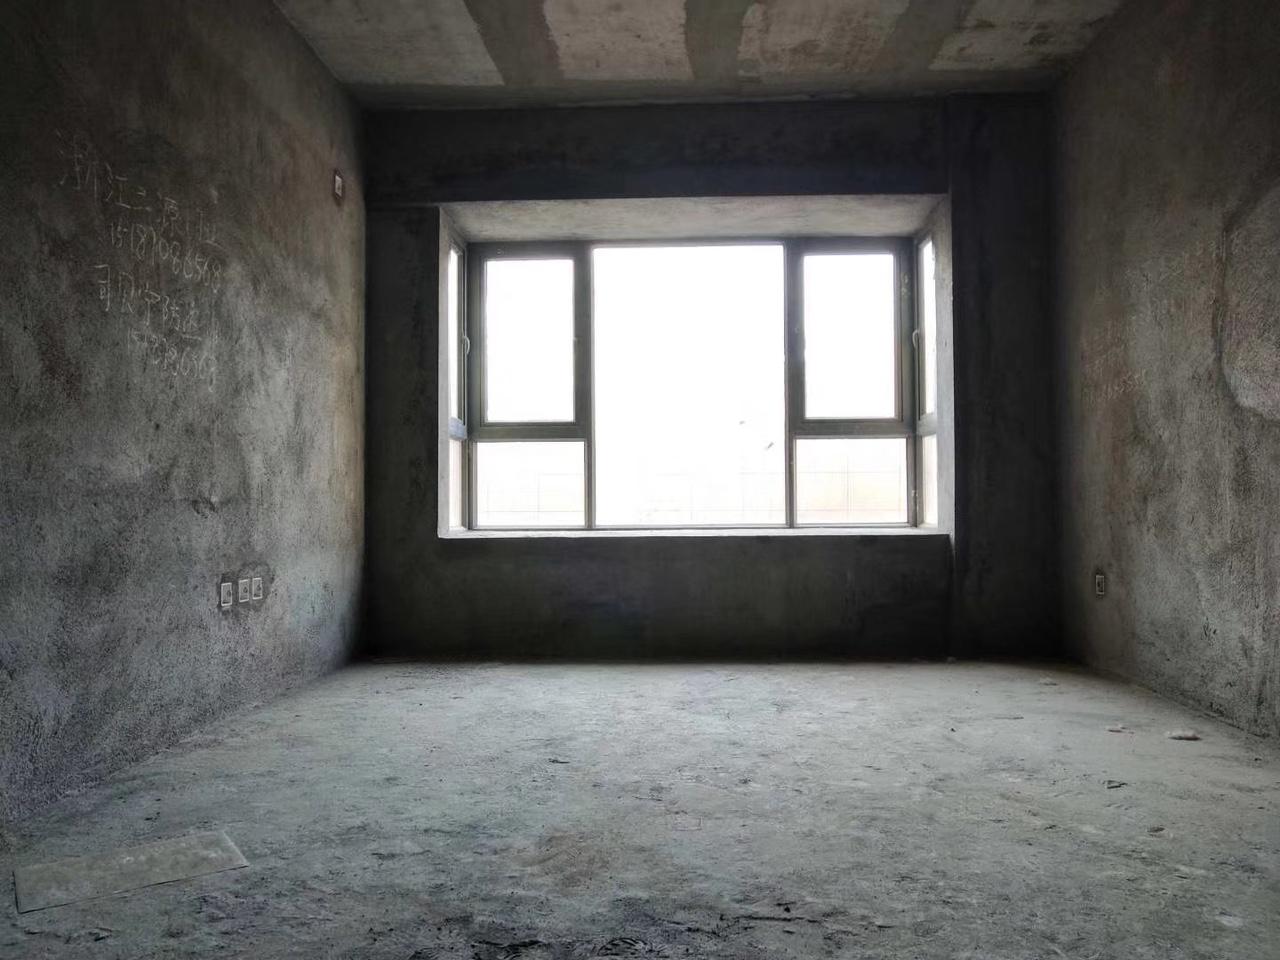 电梯三房急卖 居住、投资两不误 随时看房